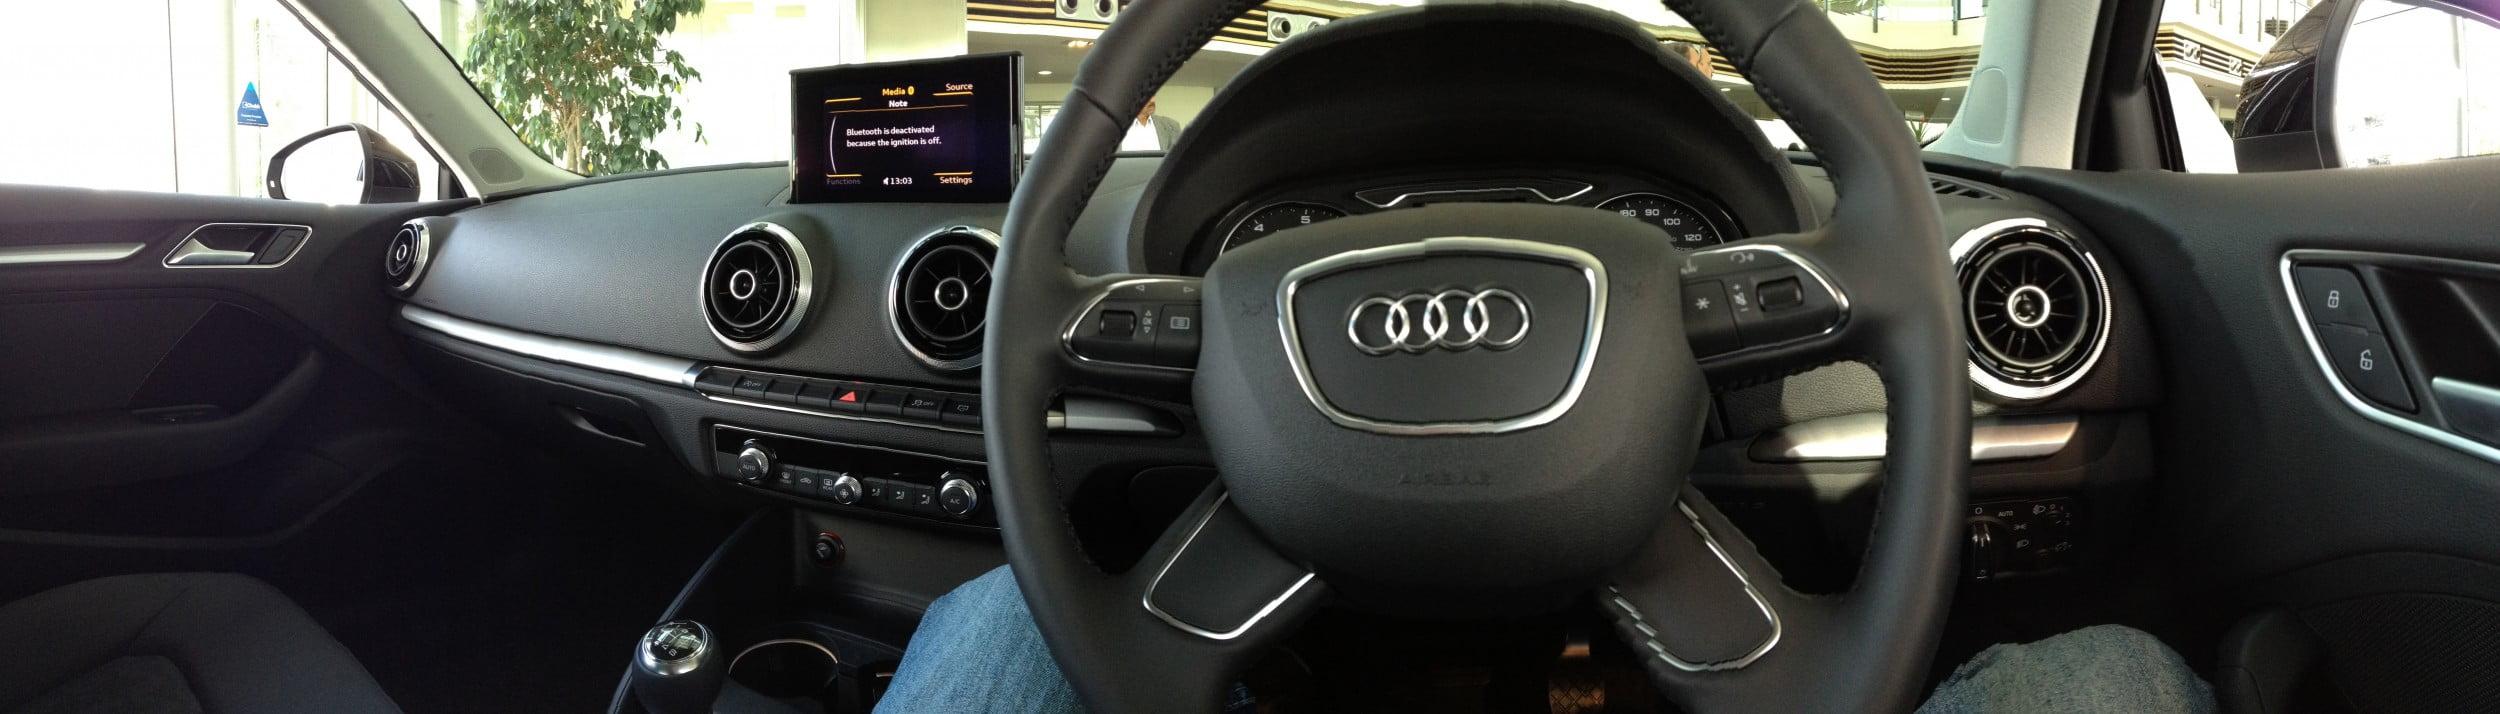 New Audi A3 Interior